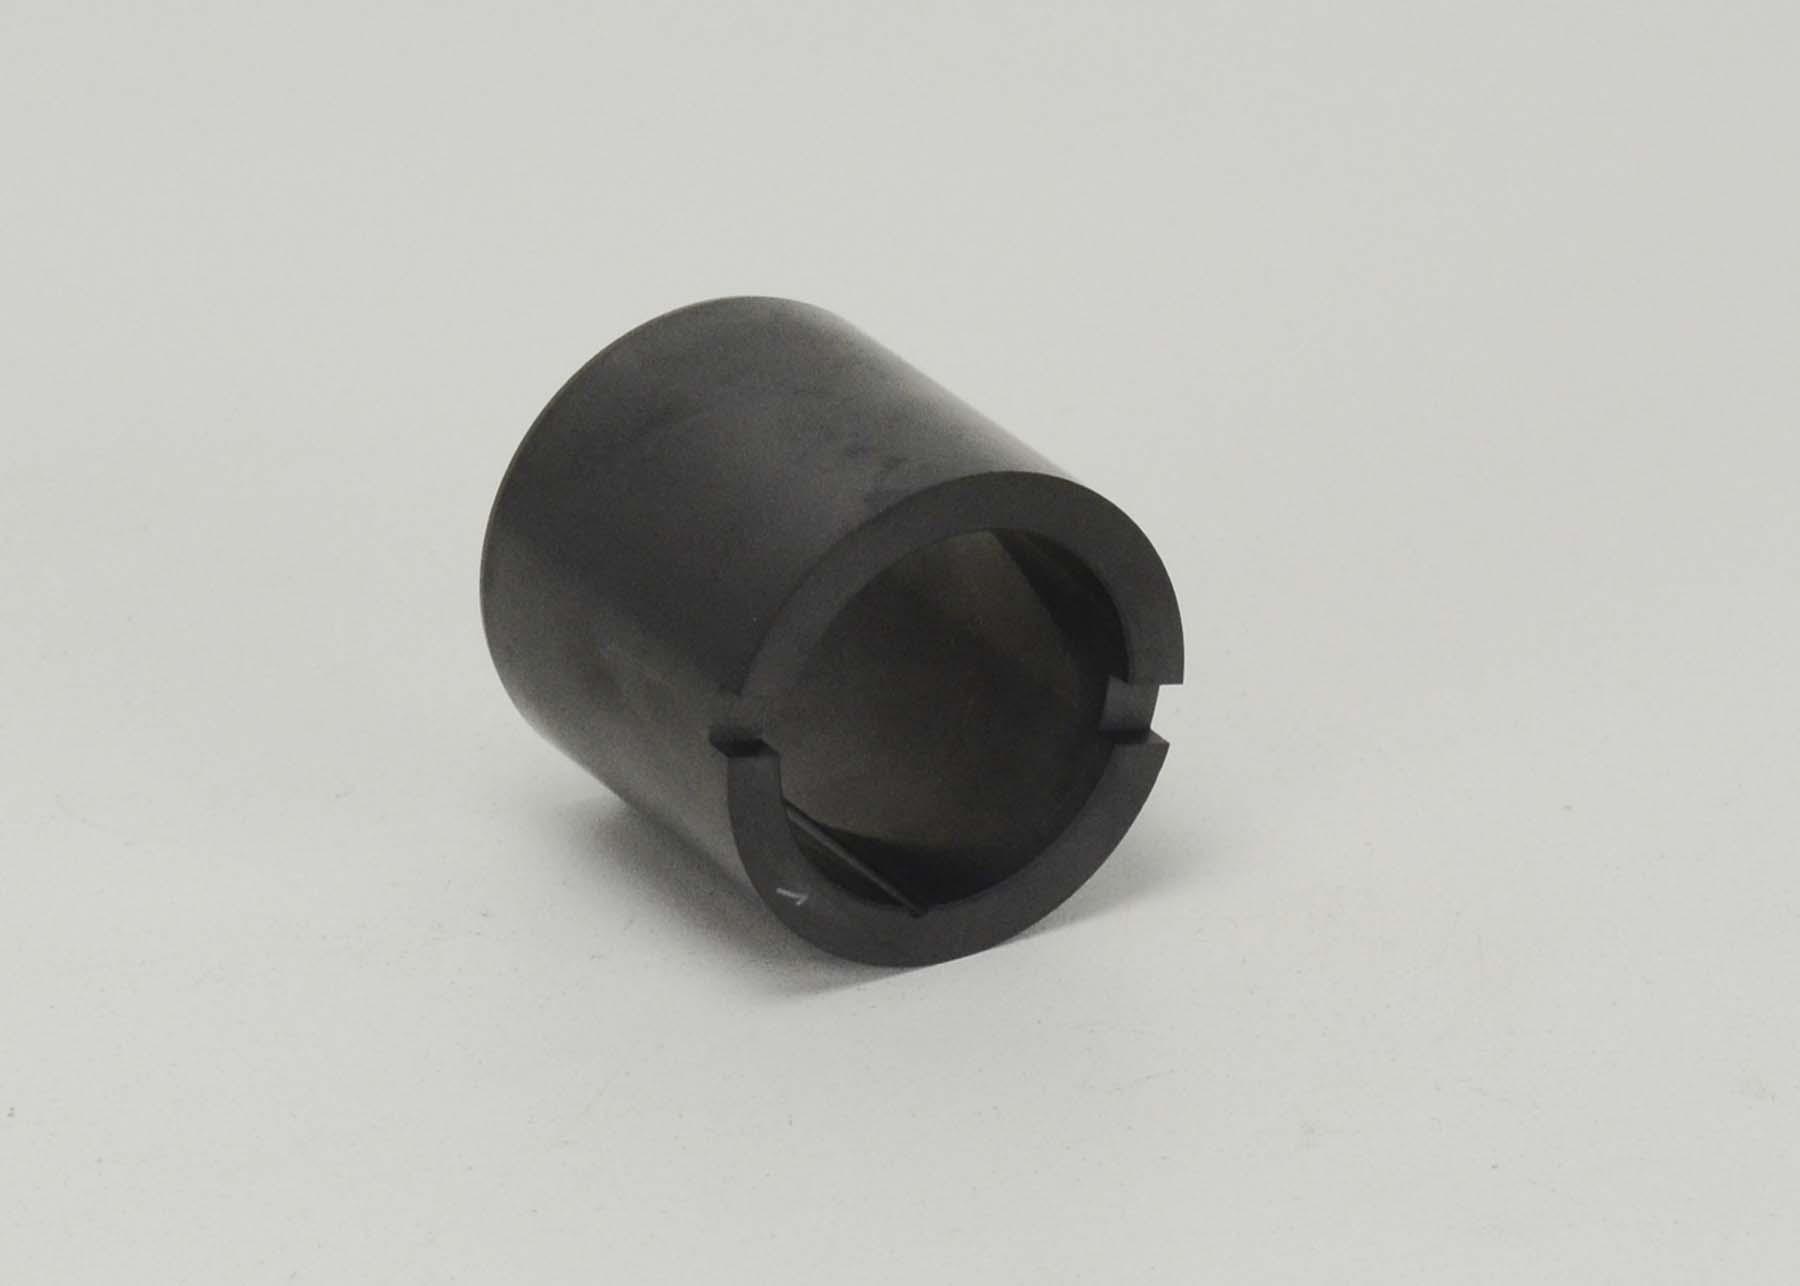 Viking® LS Carbon Graphite Bushing